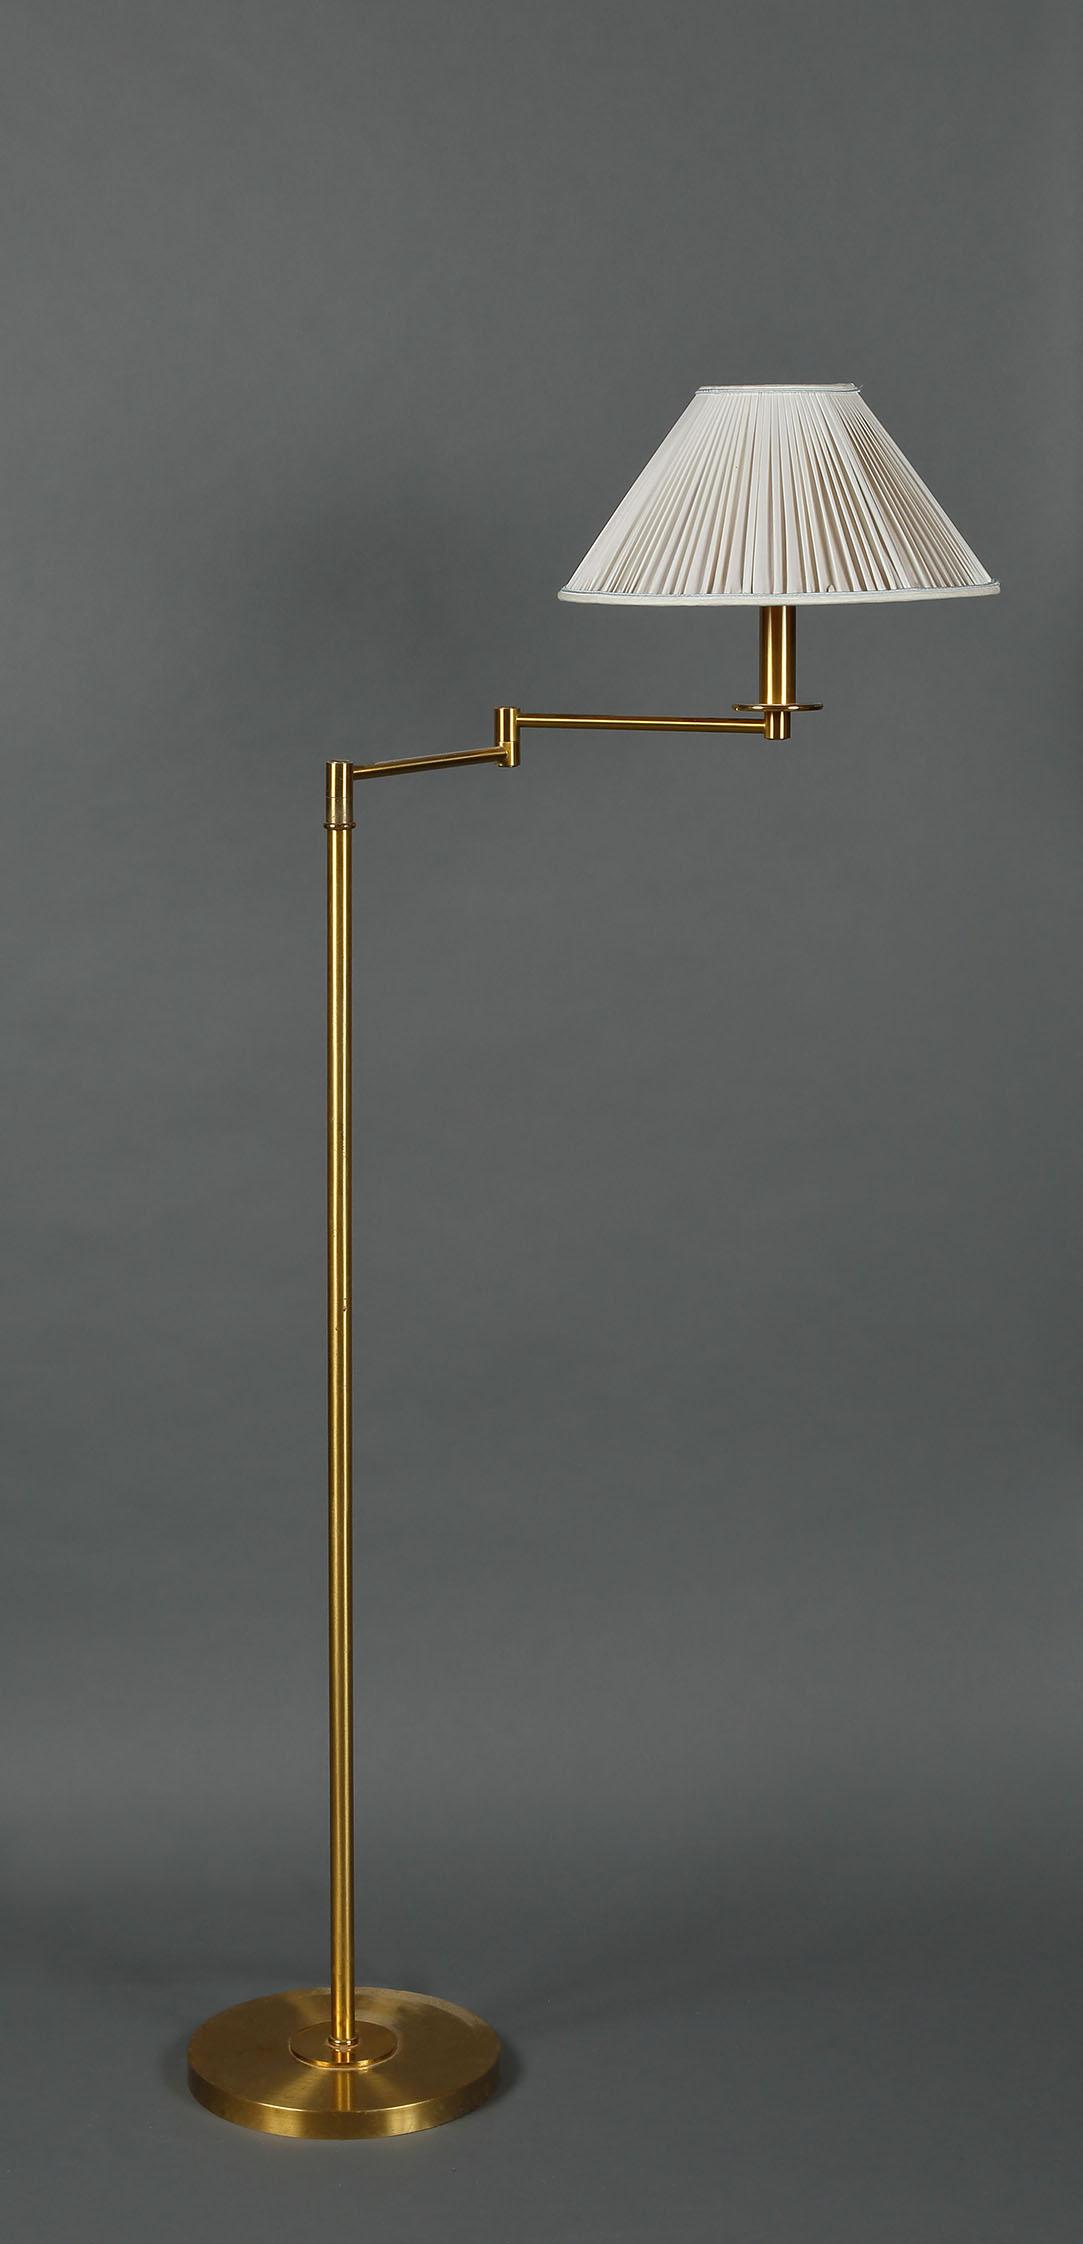 Lampadaire Liseuse A Bras Articule En Metal Dore Abat Jour Blanc